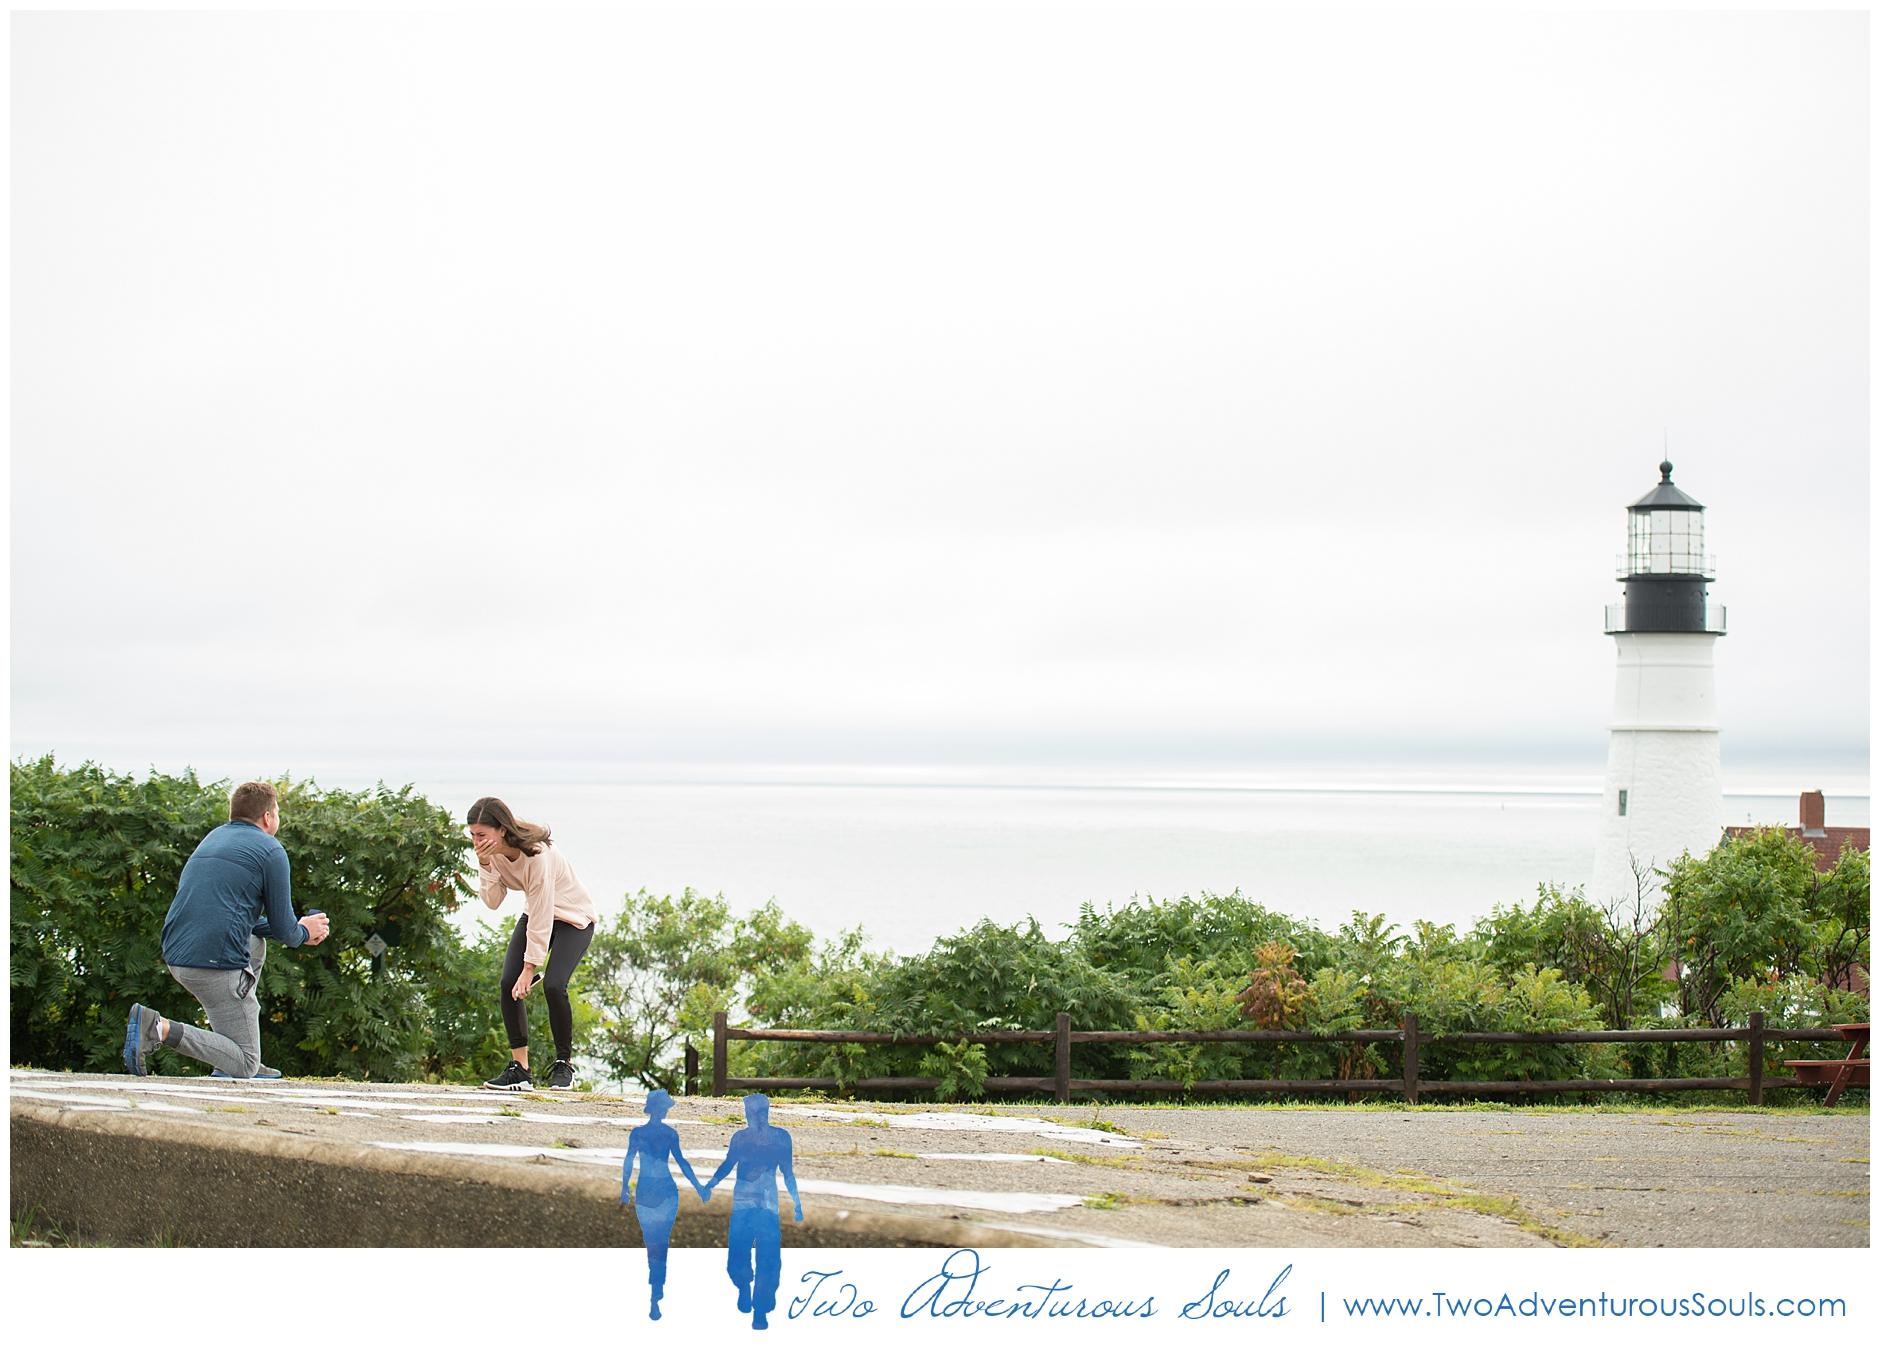 Maine Wedding Photographers, Surprise Proposal Photographers, Maine Elopement Photographers, Two Adventurous Souls-blogcontent_0002.jpg